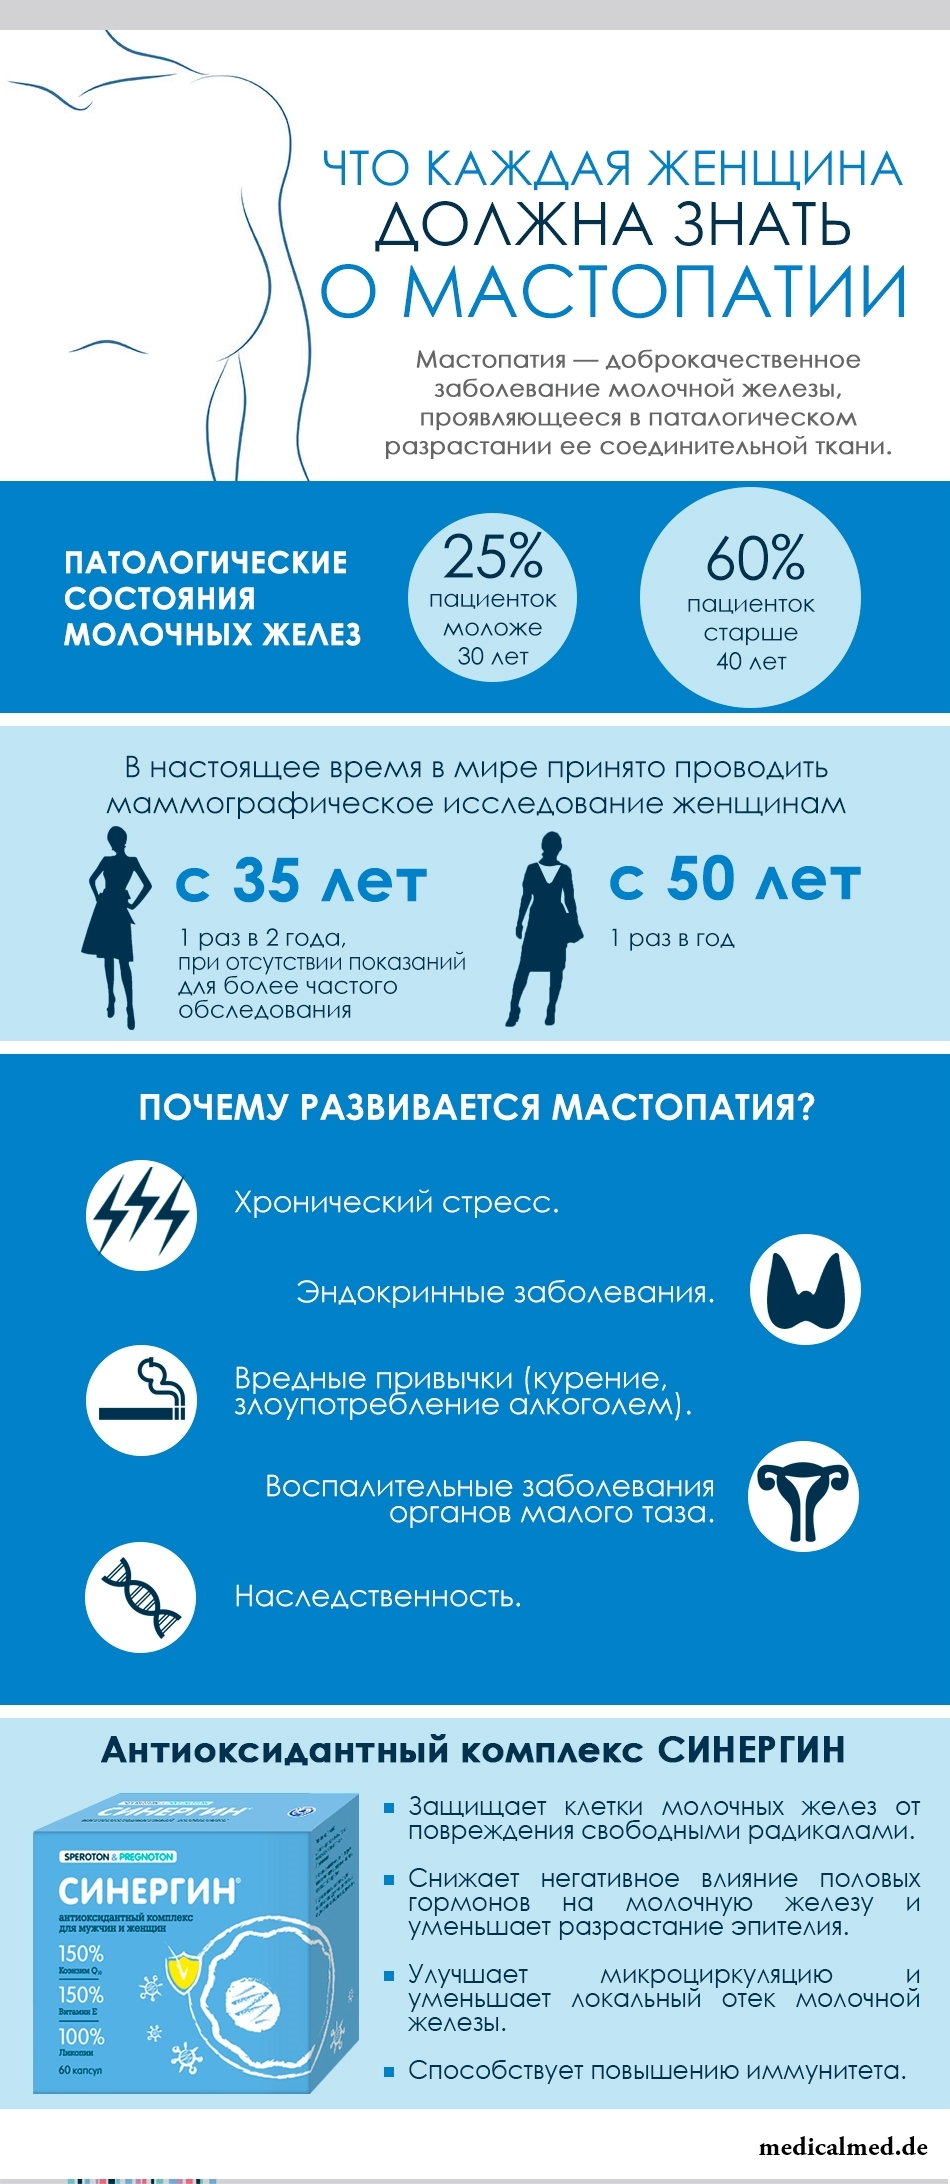 Инфографика - Что каждая женщина должна знать о мастопатии